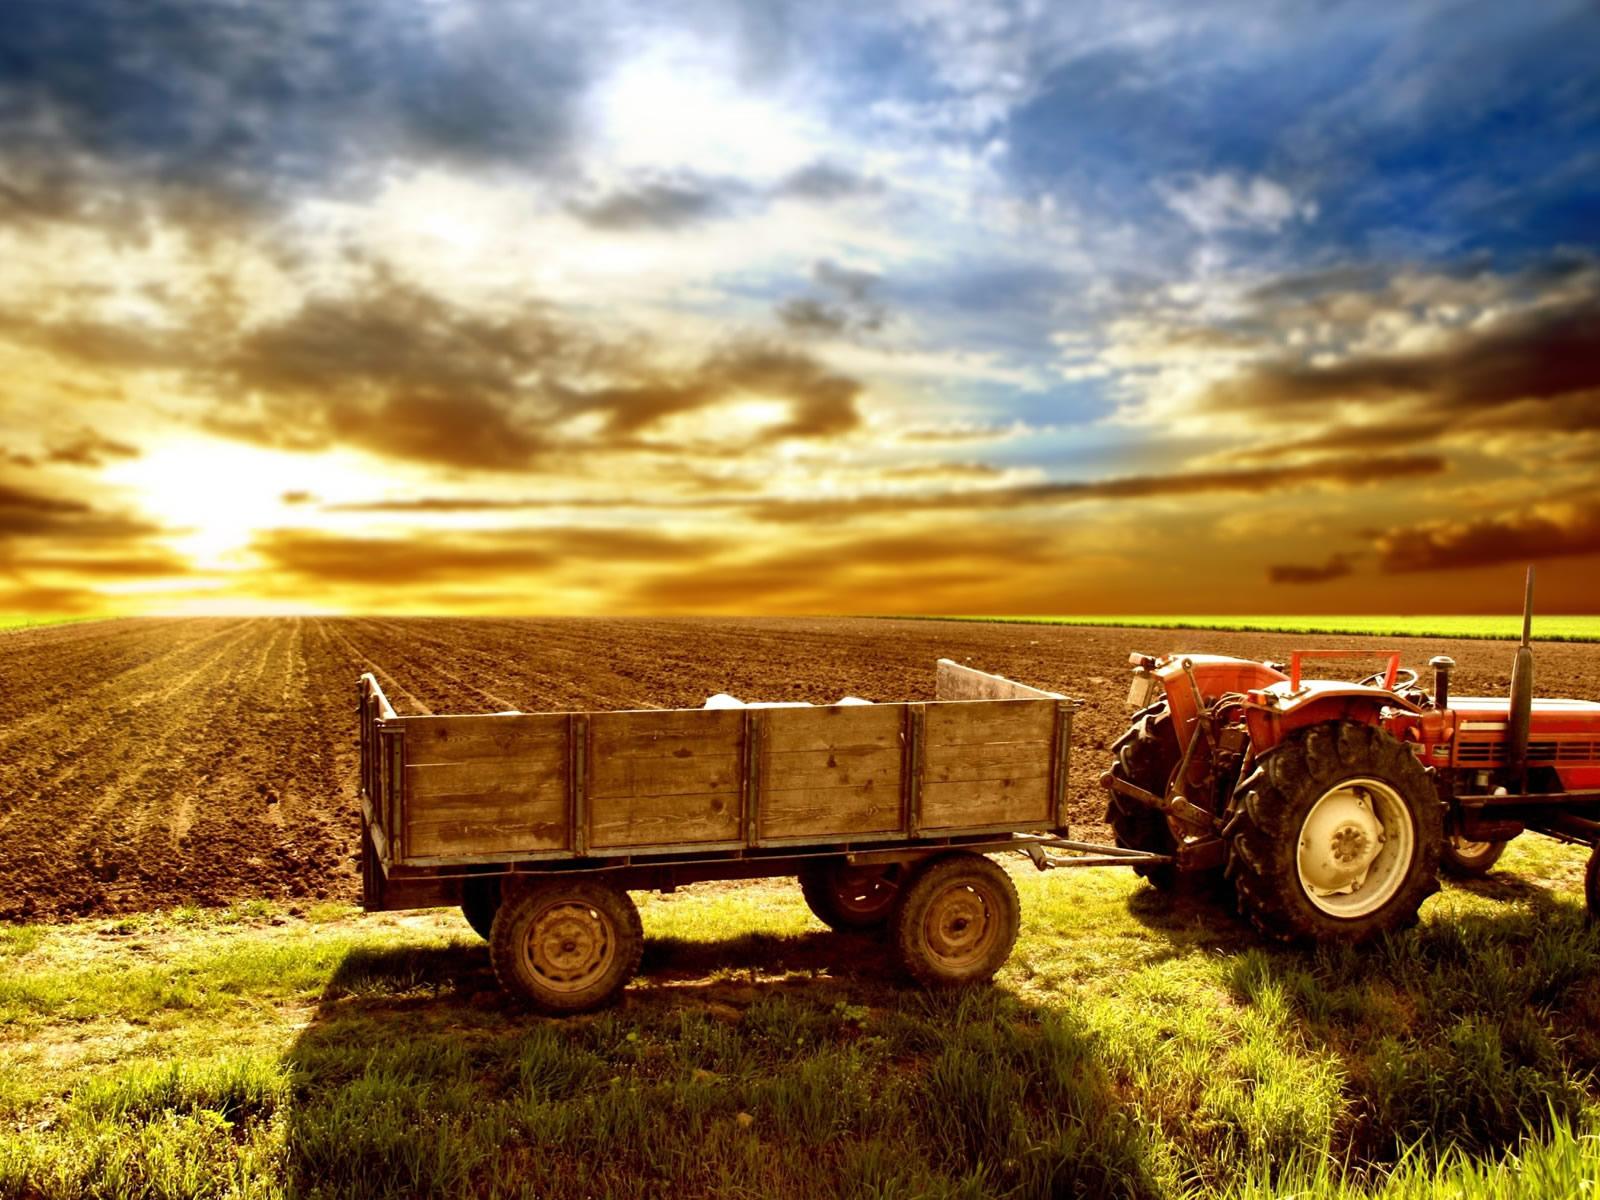 http://4.bp.blogspot.com/-kiFIW2Fdd8s/TpLBJsXribI/AAAAAAAAAHQ/MvjuvLfFiuA/s1600/farm_wallpaper.jpg